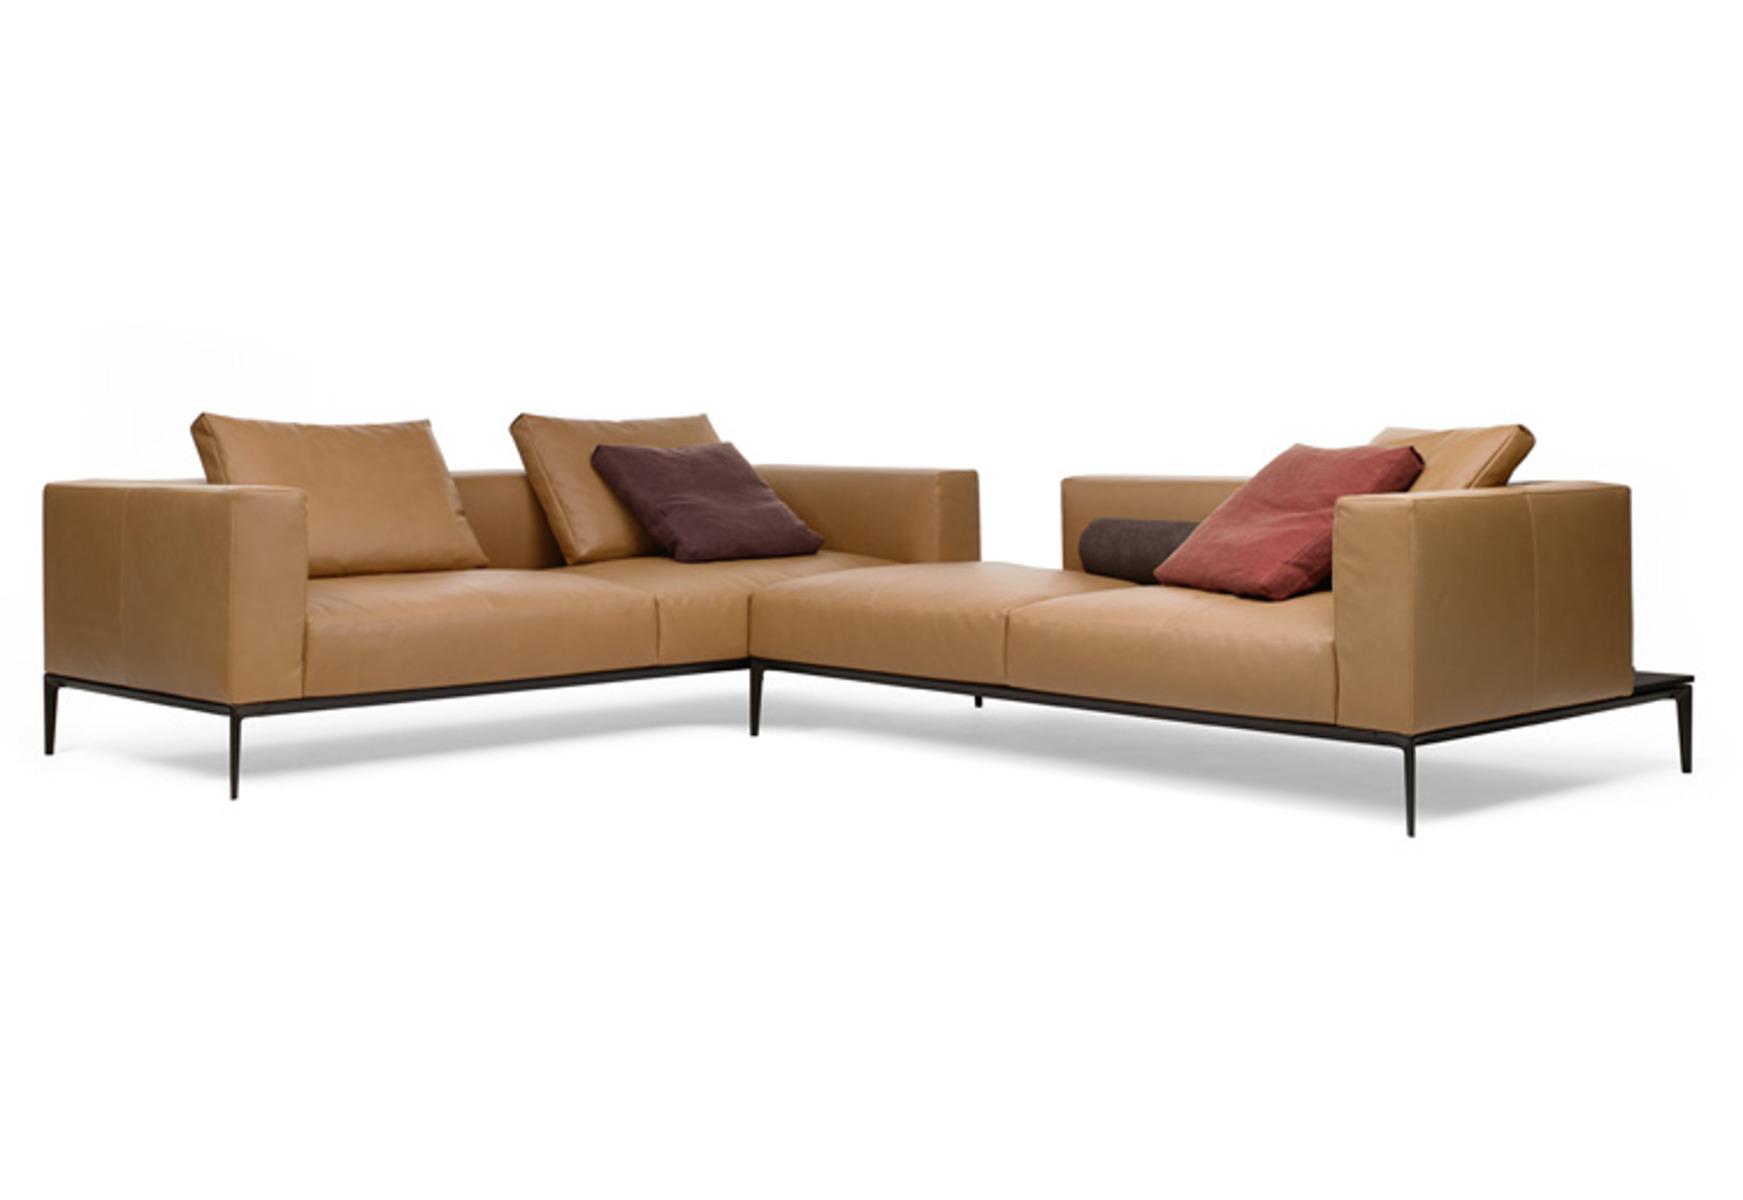 wk schlafsofas schlafzimmer komplett set g nstig dachgeschoss bettw sche gr en deutschland was. Black Bedroom Furniture Sets. Home Design Ideas